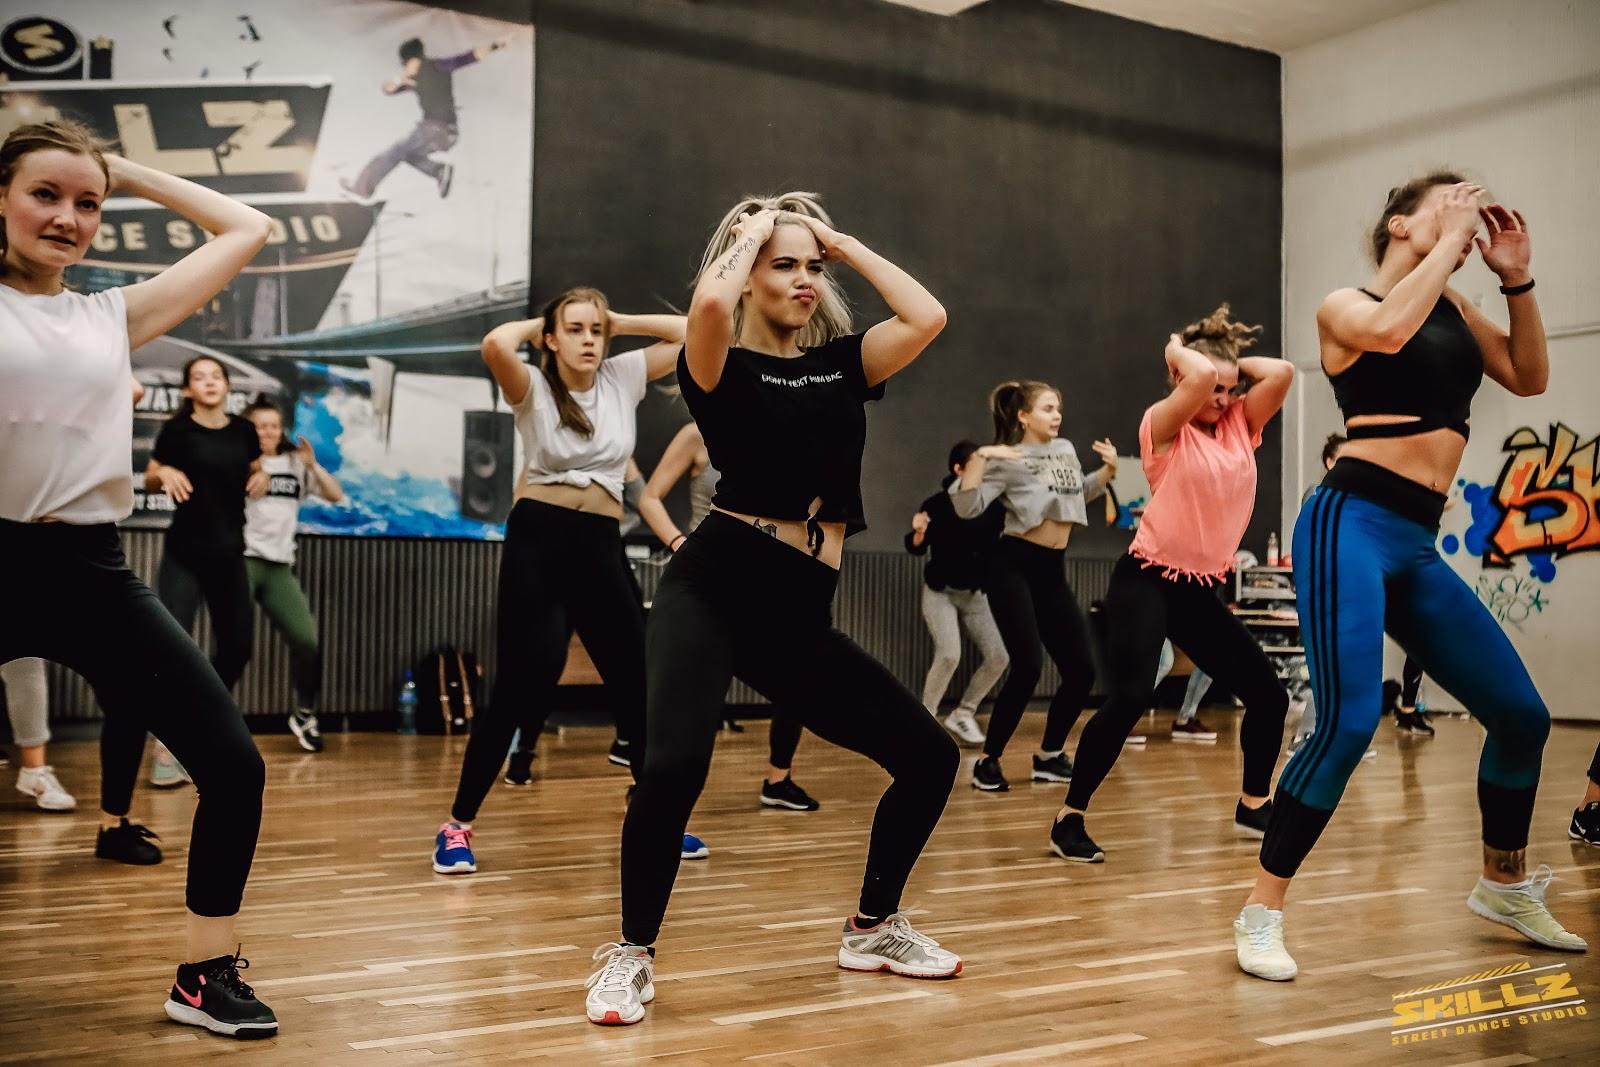 Dancehall Takeover seminarai (Jamaika, Belgija, Prancuzija) - IMG_8047.jpg